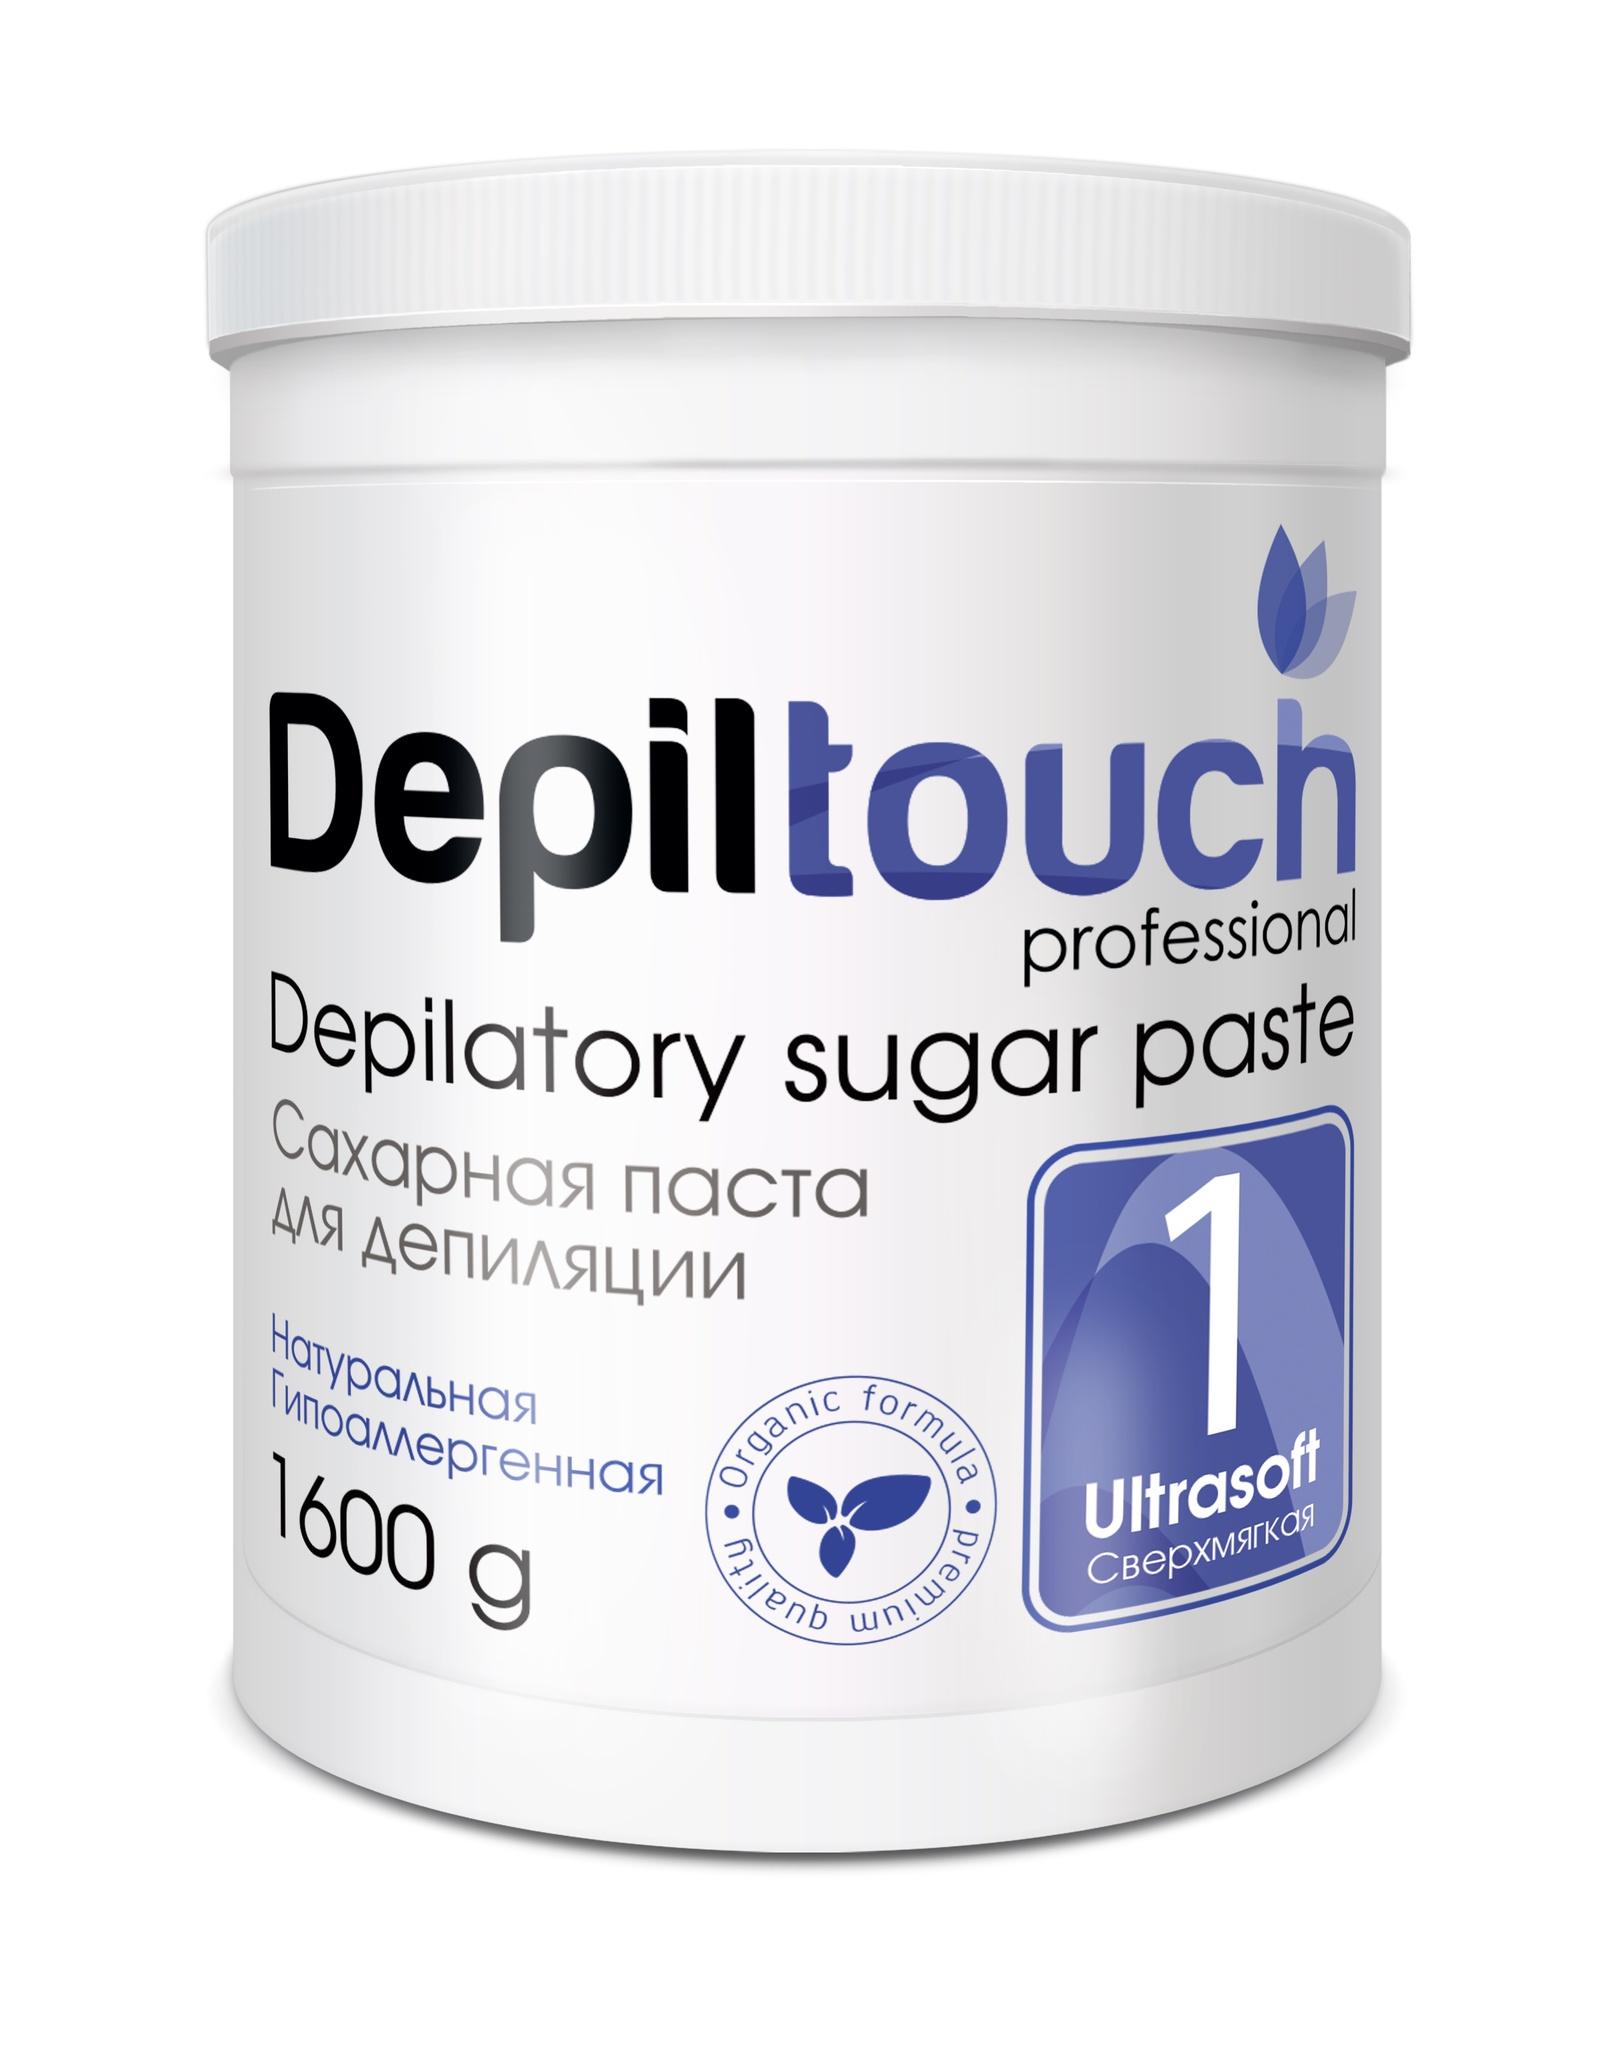 Depiltouch 87713 Сахарная паста для депиляции 1 СВЕРХМЯГКАЯ Depiltouch professional 1600г для депиляции